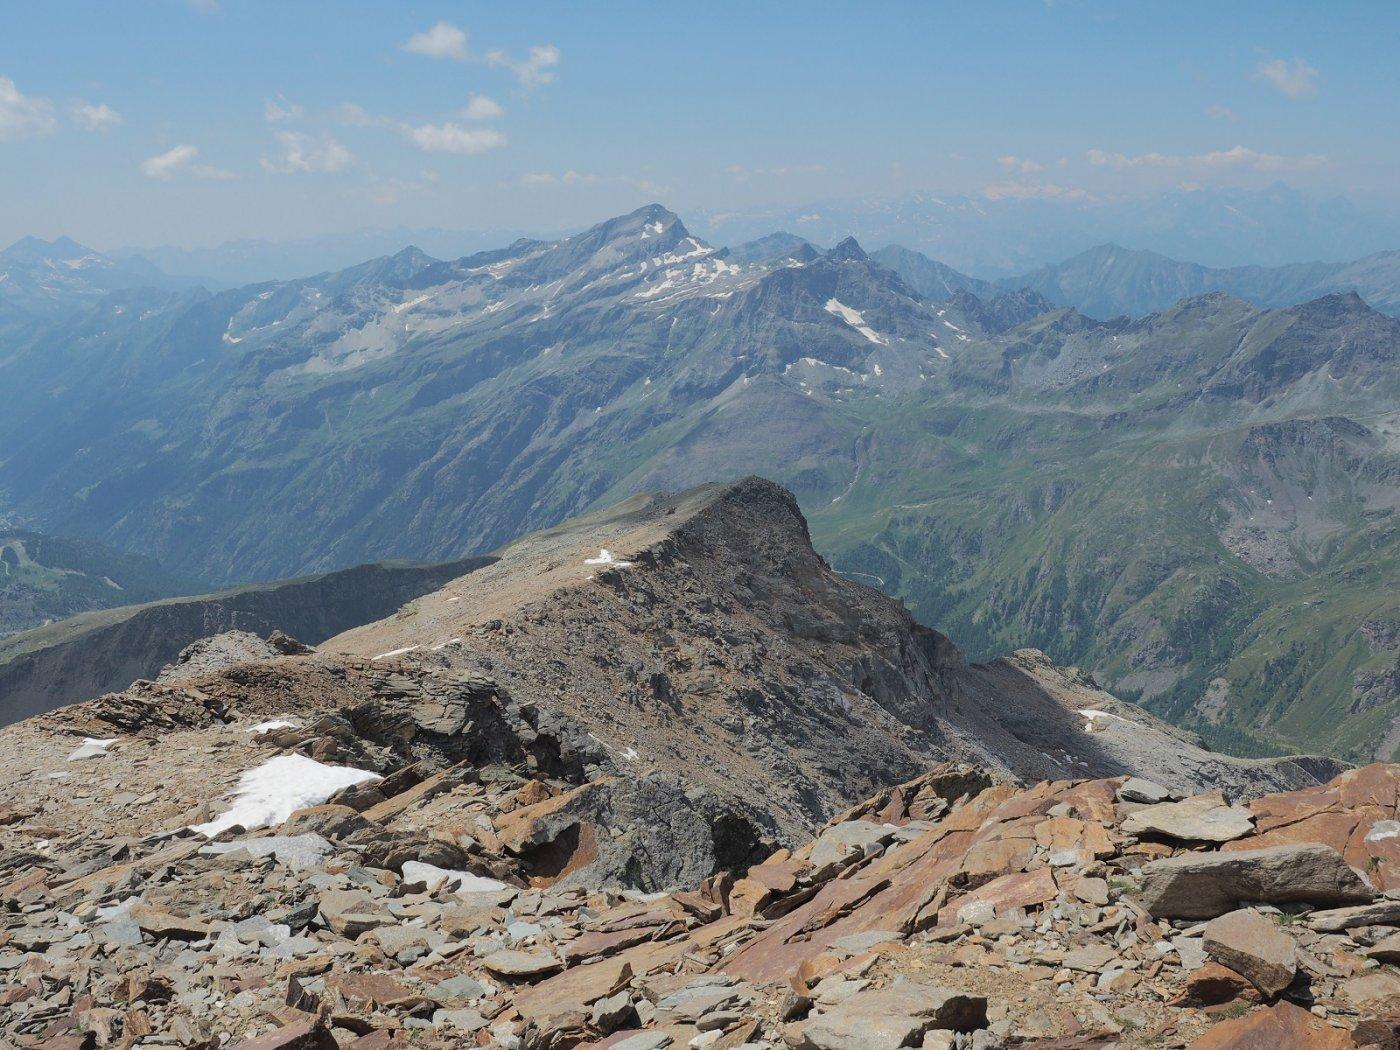 Vista dell'Hochlicht, in basso, dalla cima a 3348 m